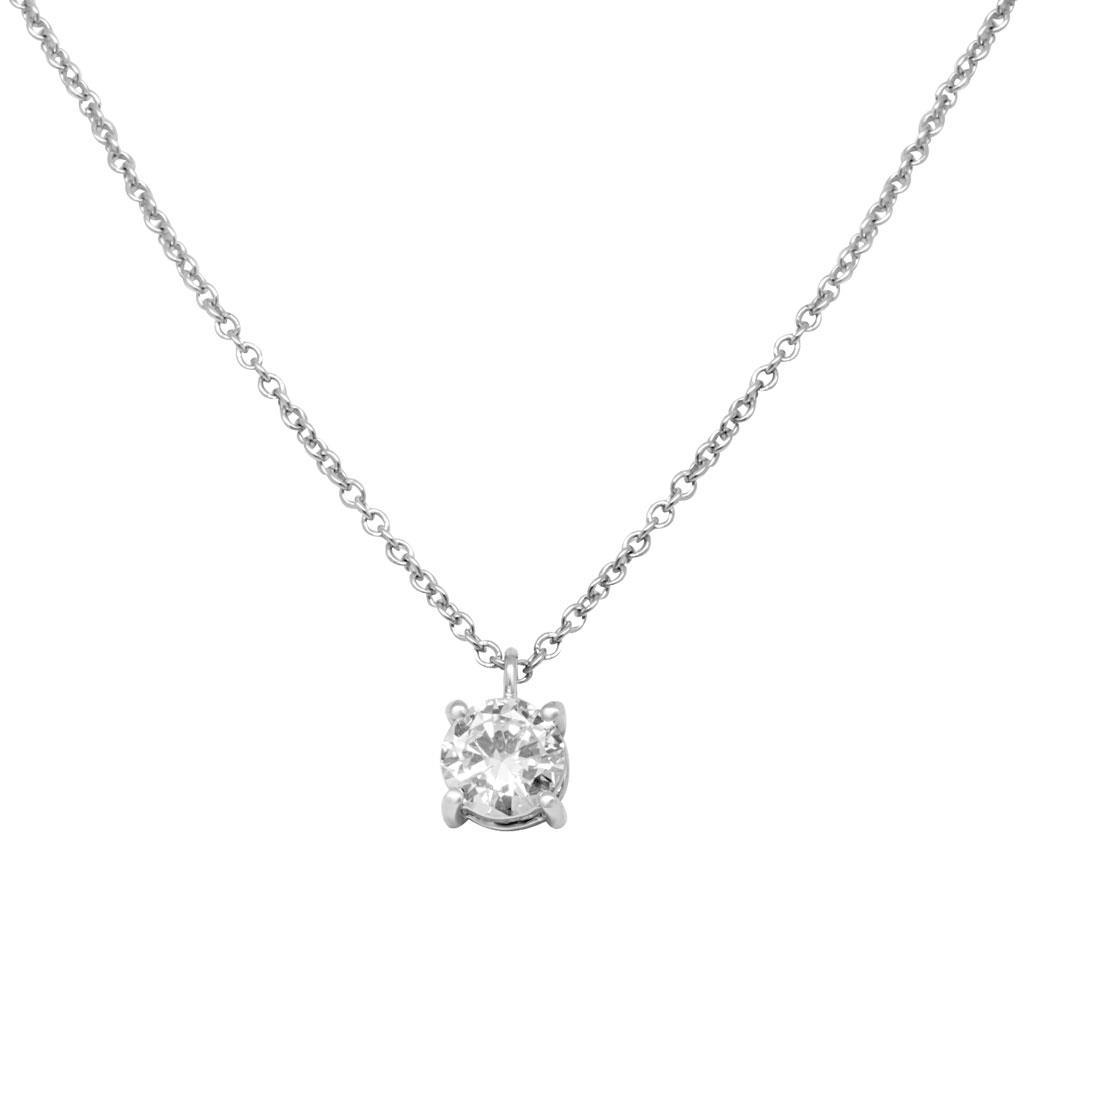 Collier Alfieri & St john in oro bianco con diamanti ct 0,61 - ALFIERI ST JOHN